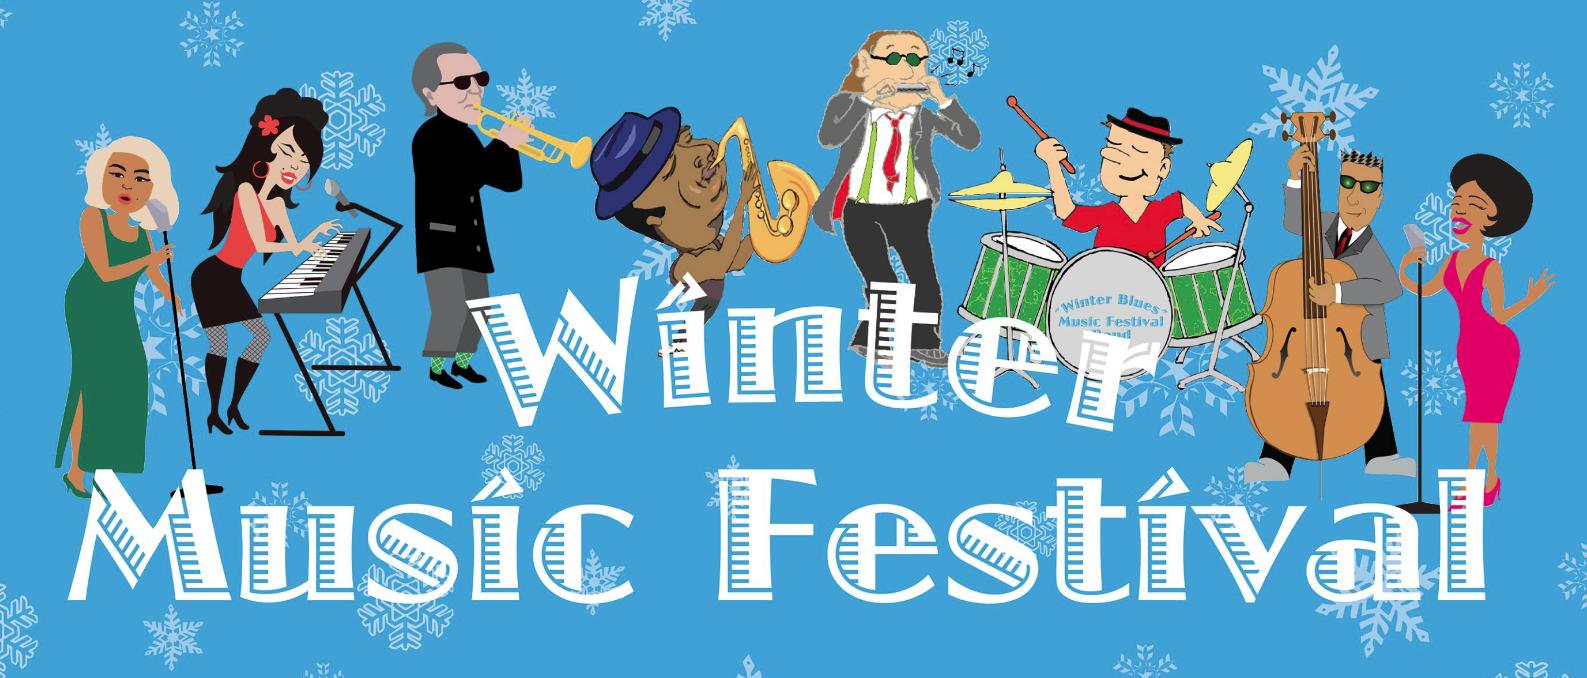 Winter Music Festival